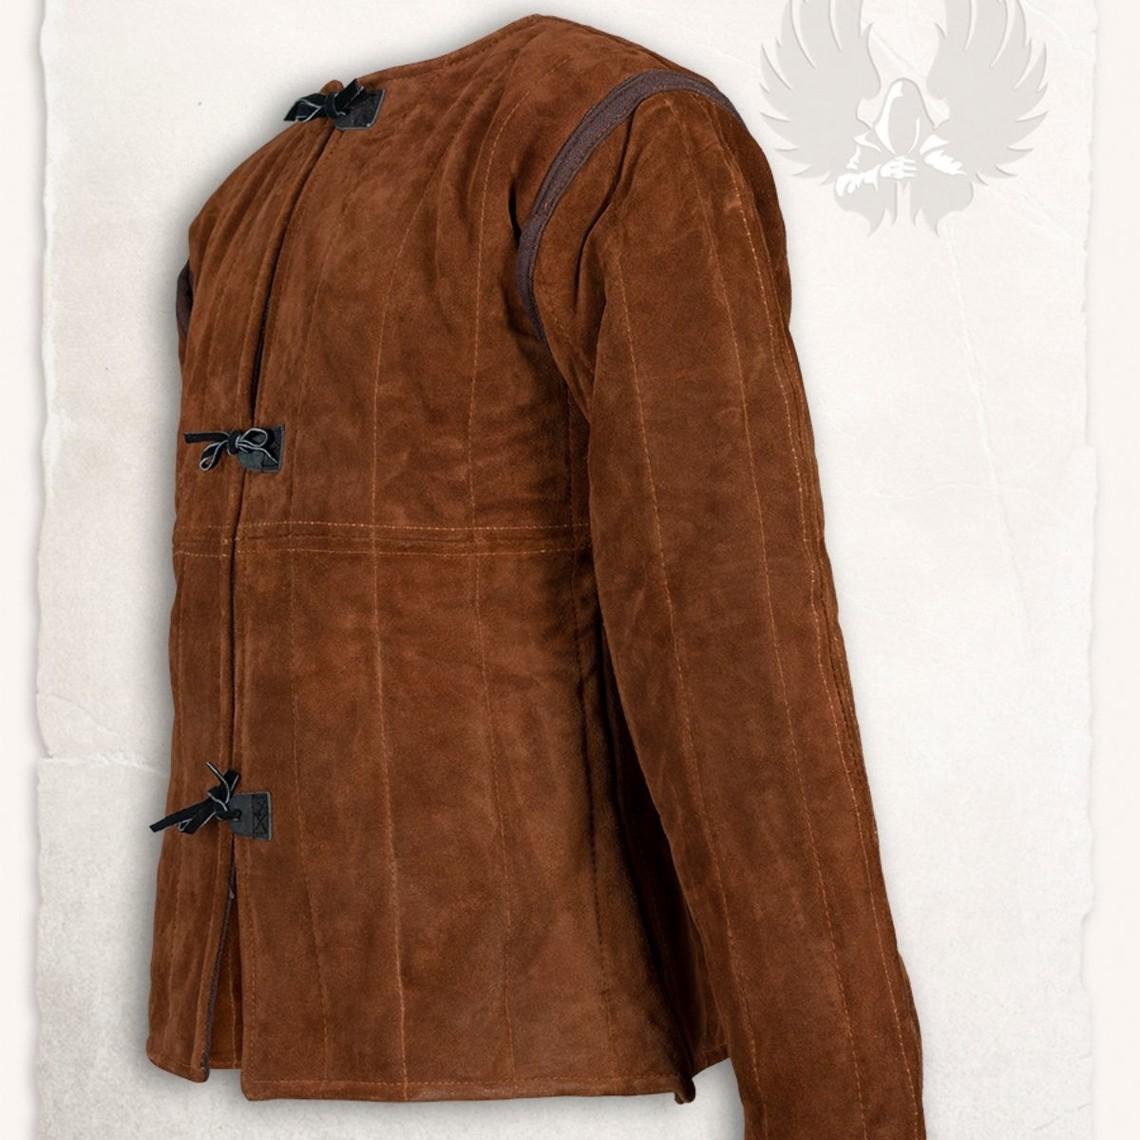 Mytholon 15. århundrede Gambeson findes Aulber ruskind lys brun